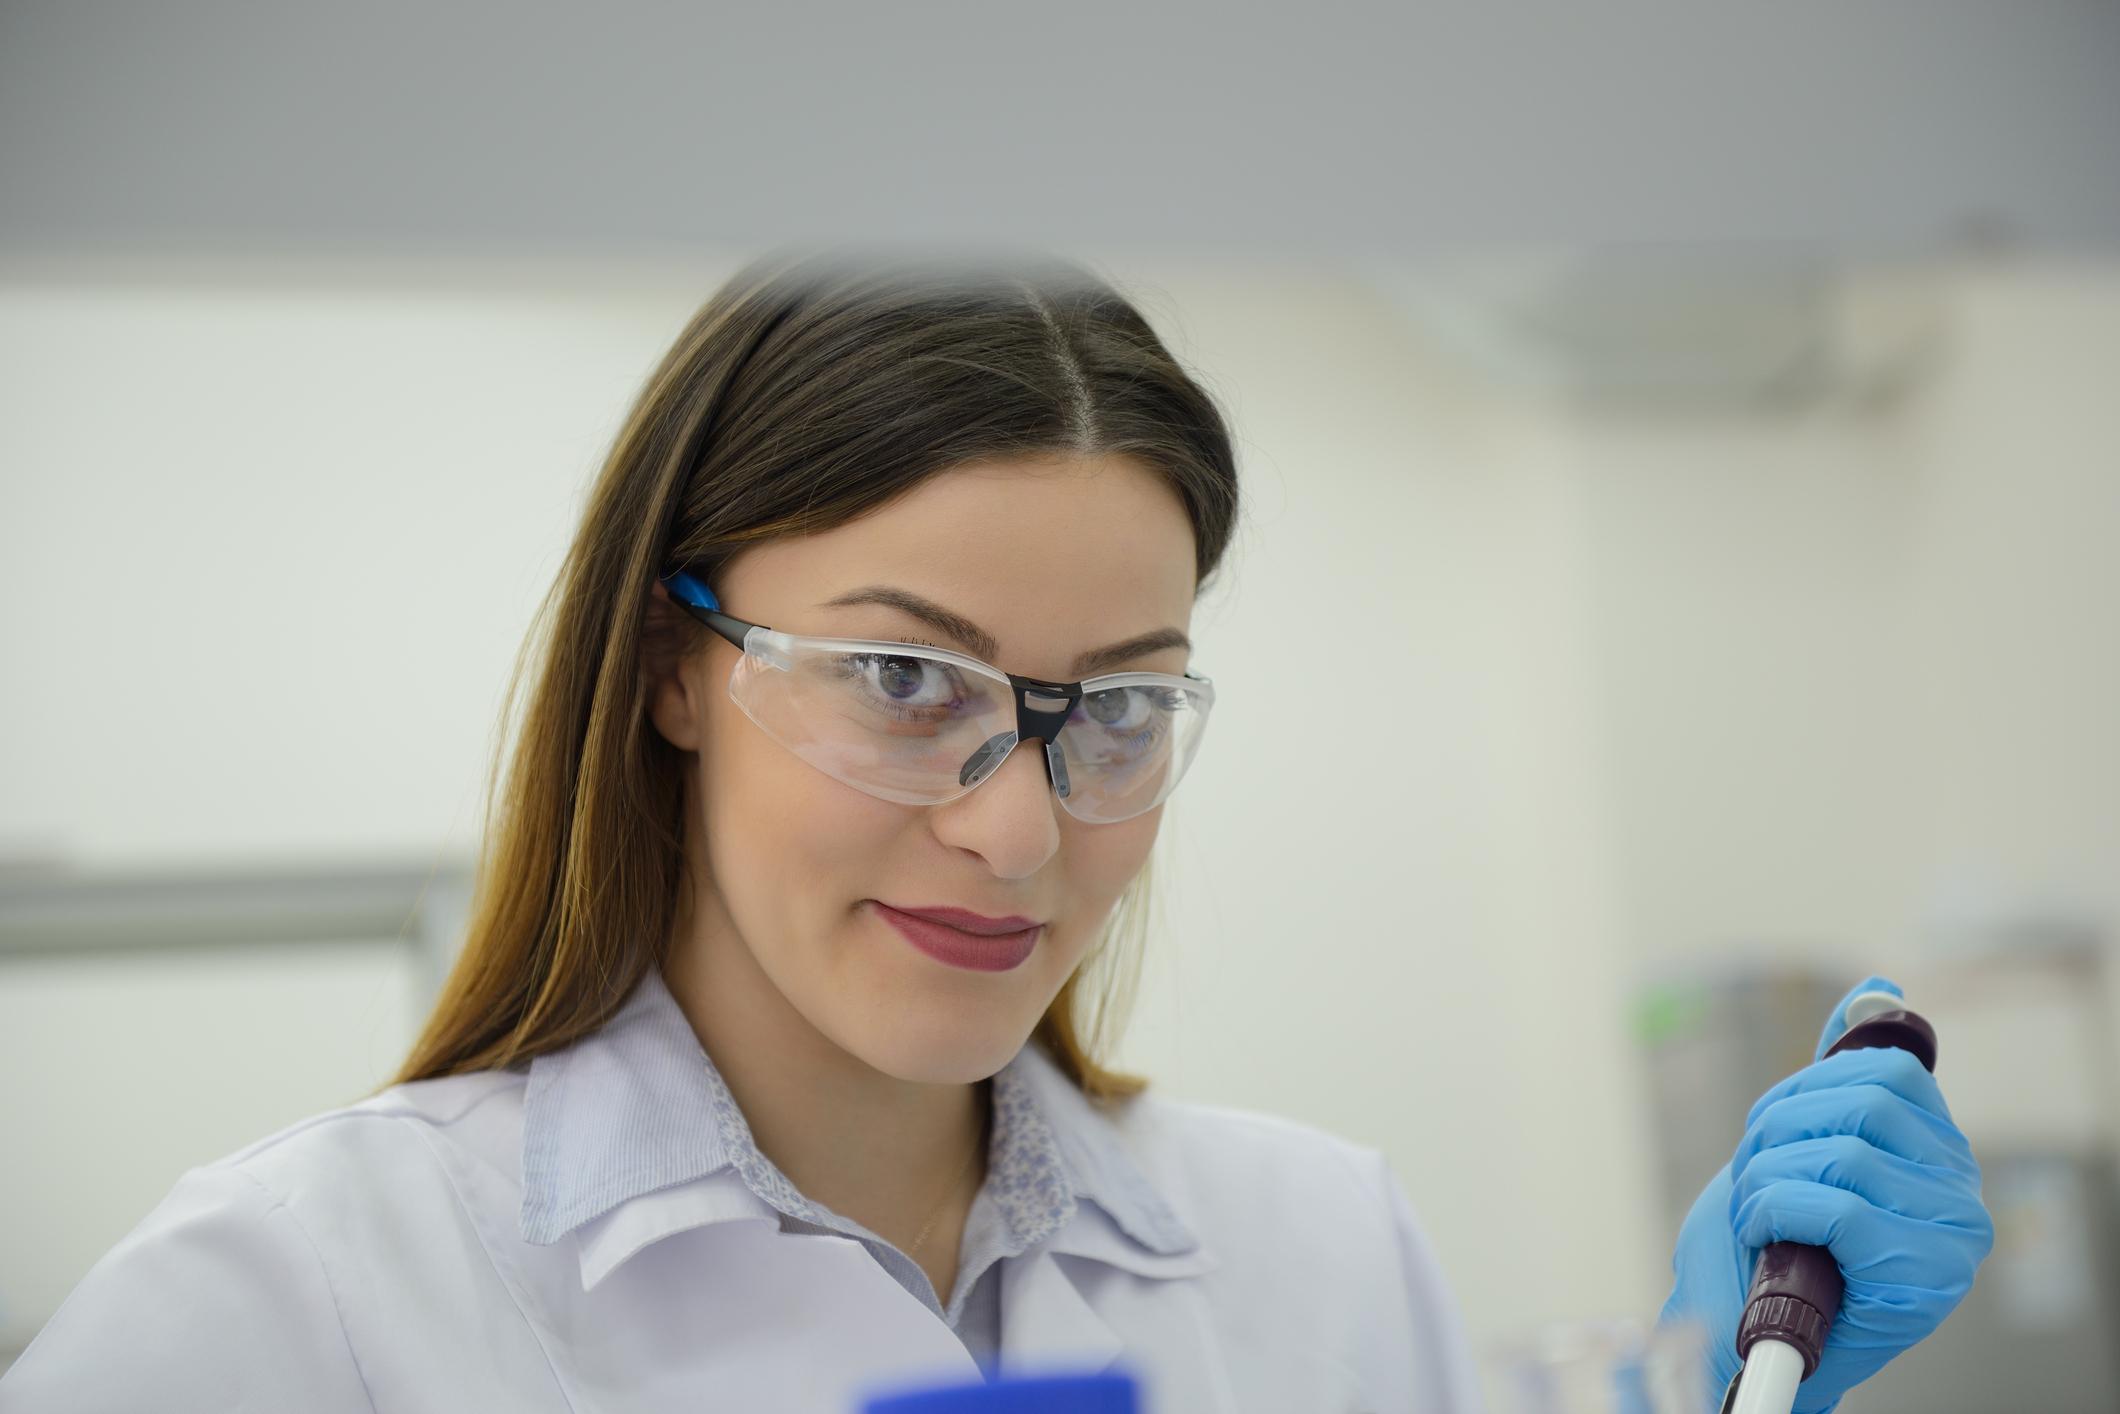 Laboratory technician with a pipette